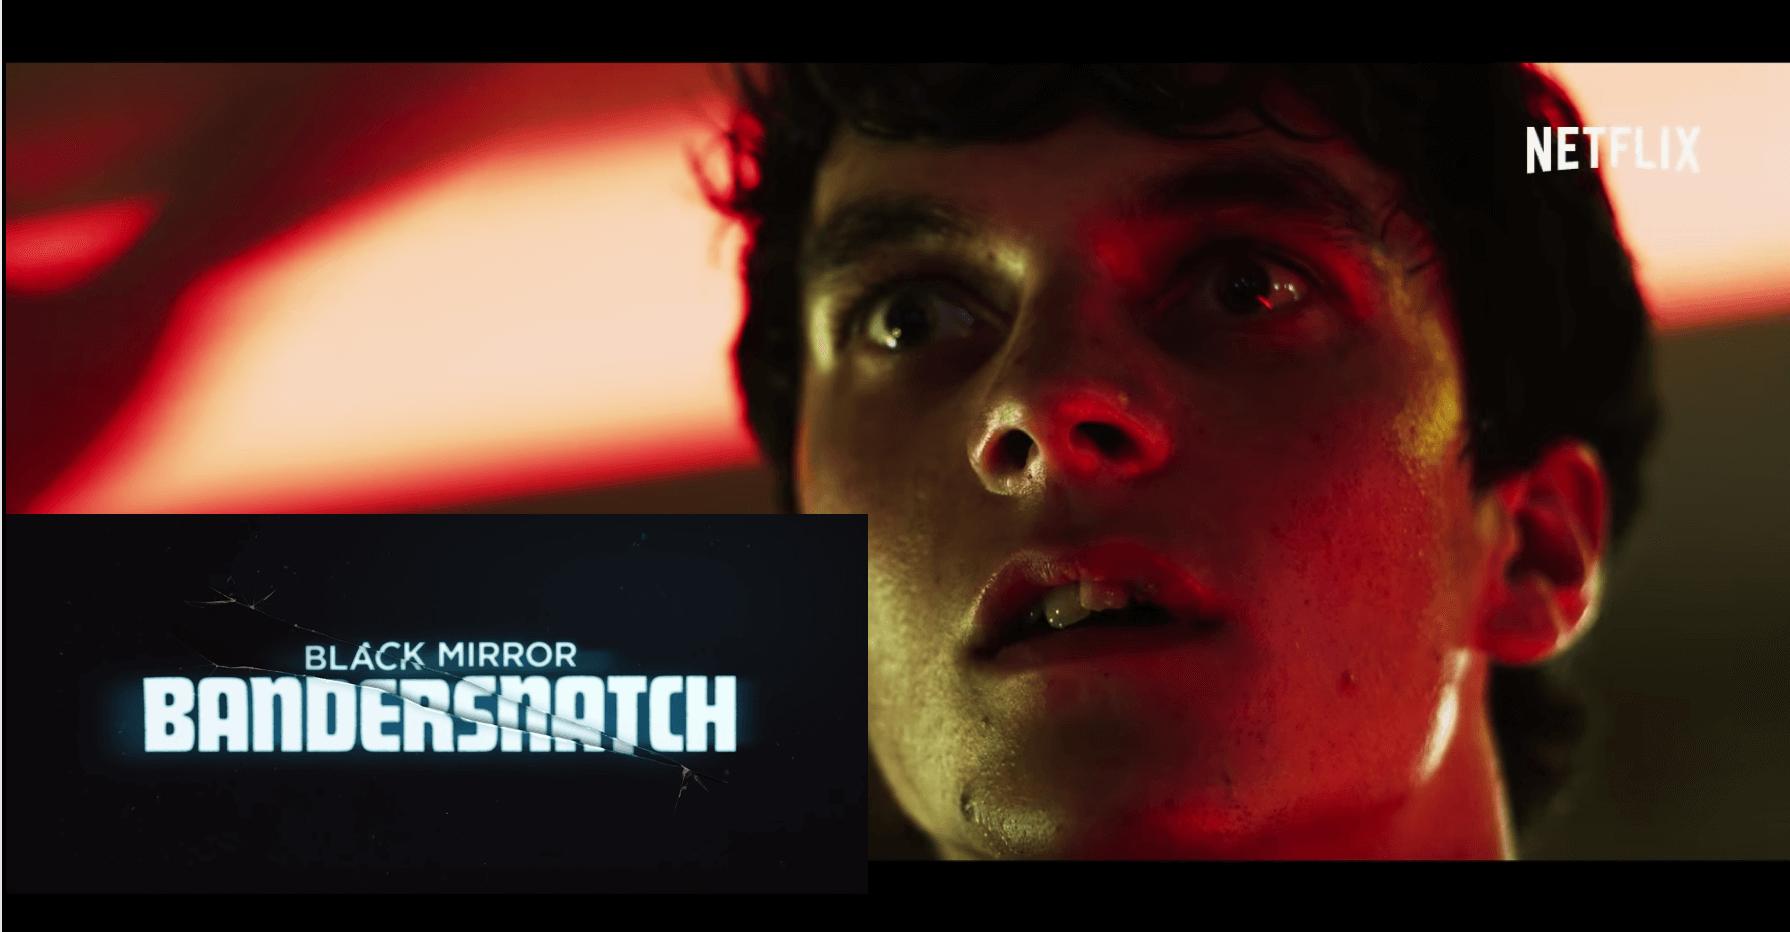 《黑鏡:潘達斯奈基》——Netflix互動式電影:80年代電玩遊戲背景,結局由你決定!首圖